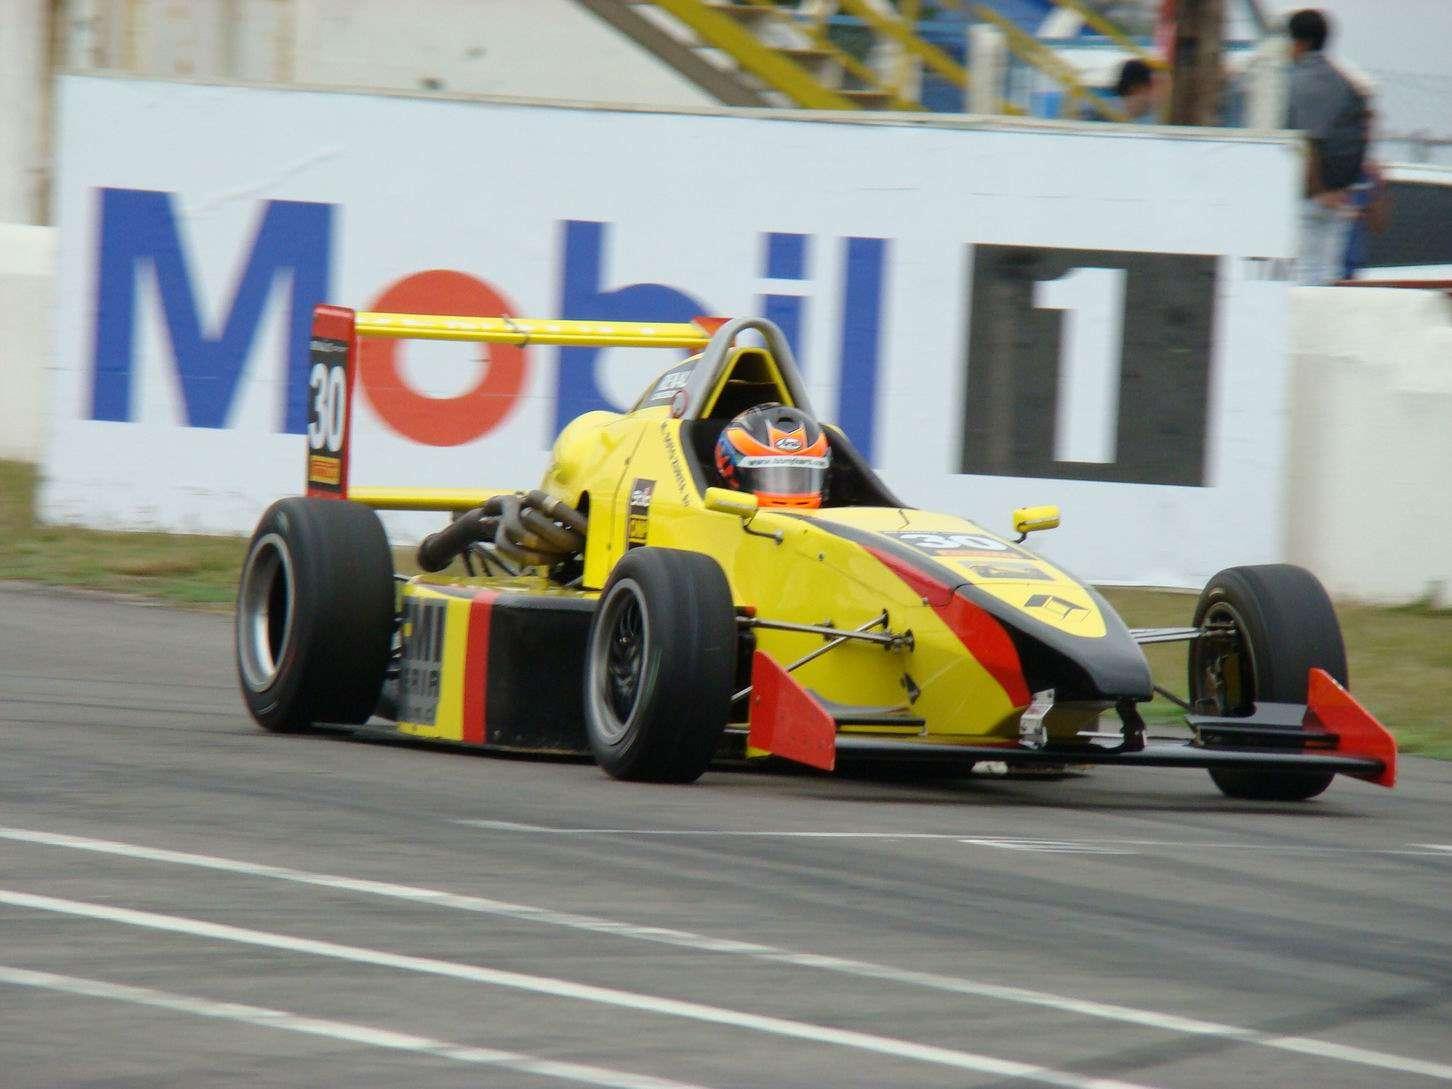 Maximiliano Soto Zurita es un joven piloto chileno de 25 años que actualmente se desempeña en la Fórmula Renault 2.0 en Argentina y que desde sus comienzos forjó su propio camino, siendo autodidacta para ir poco a poco triunfando en su disciplina. Foto: Terra